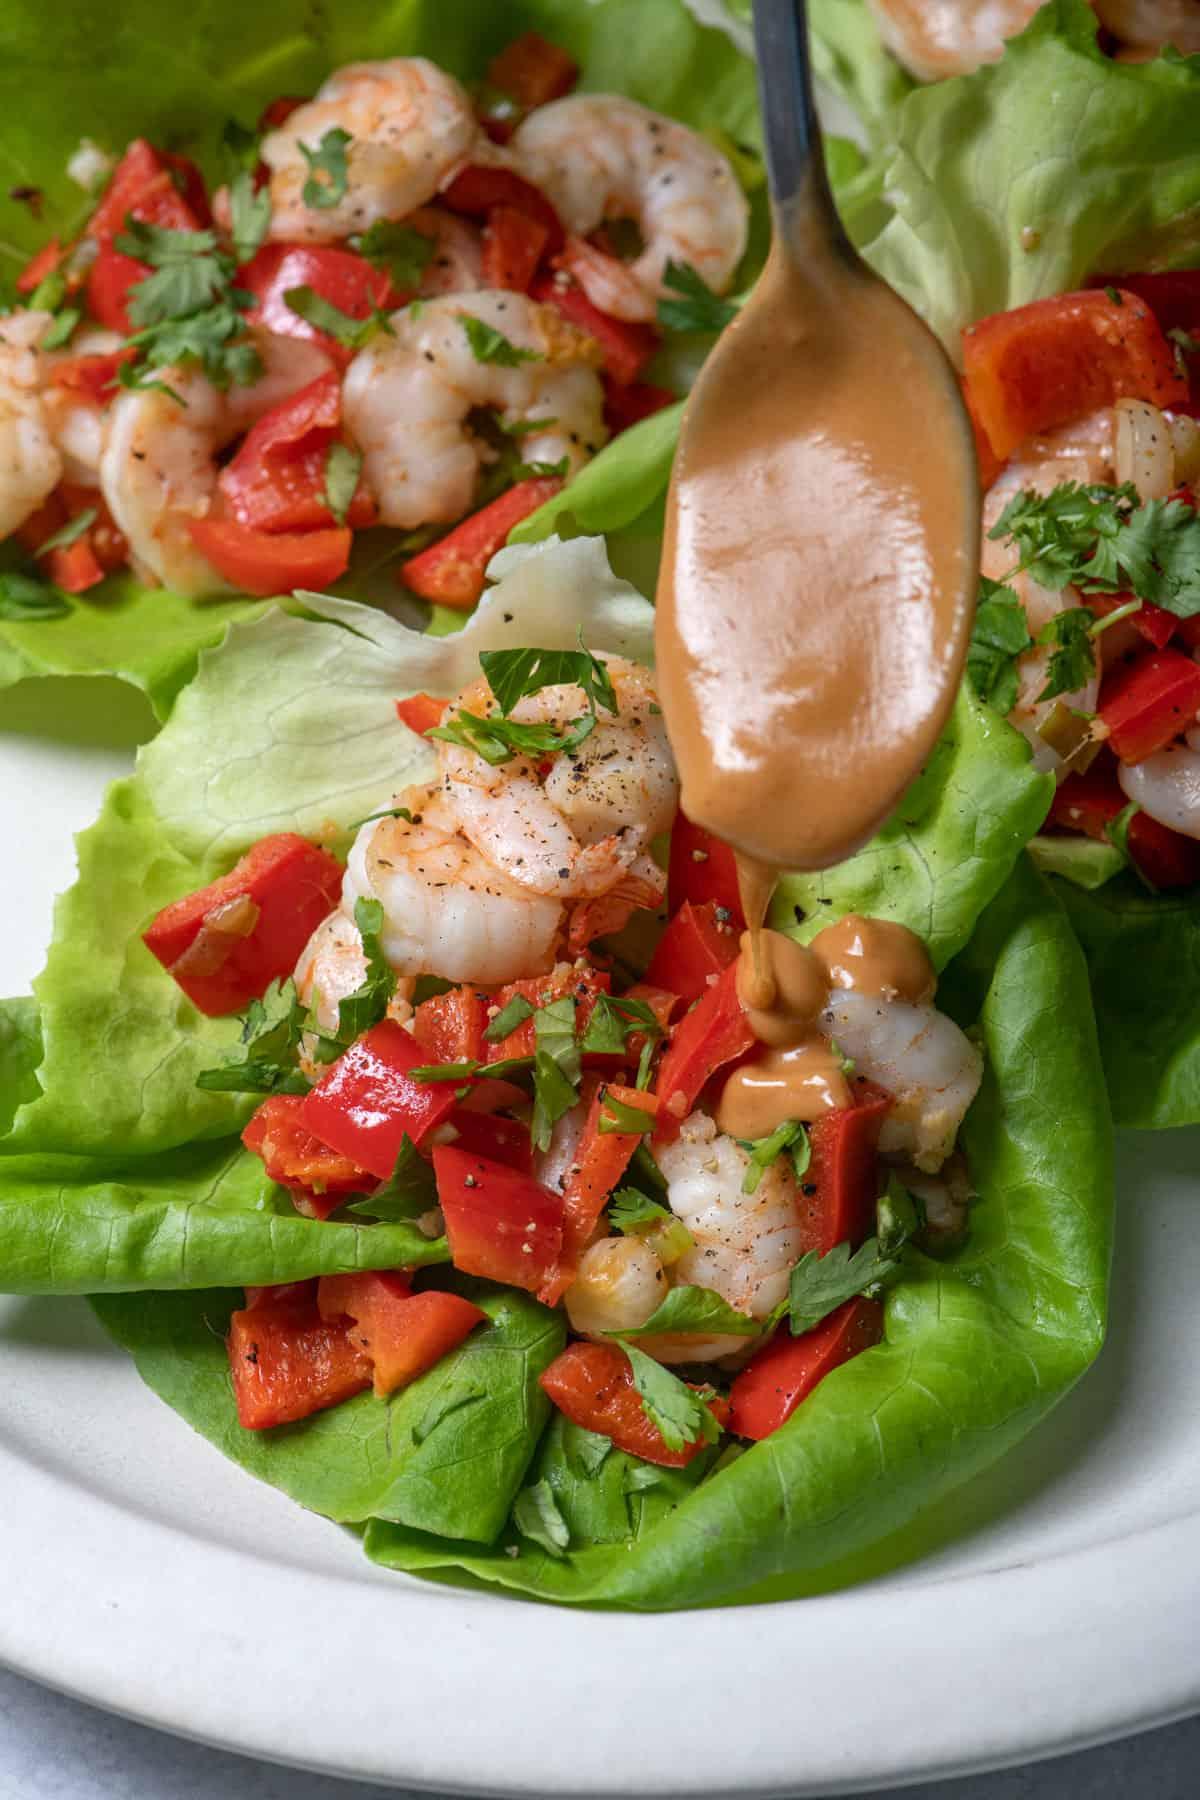 Spoon drizzling peanut sauce over shrimp lettuce wraps